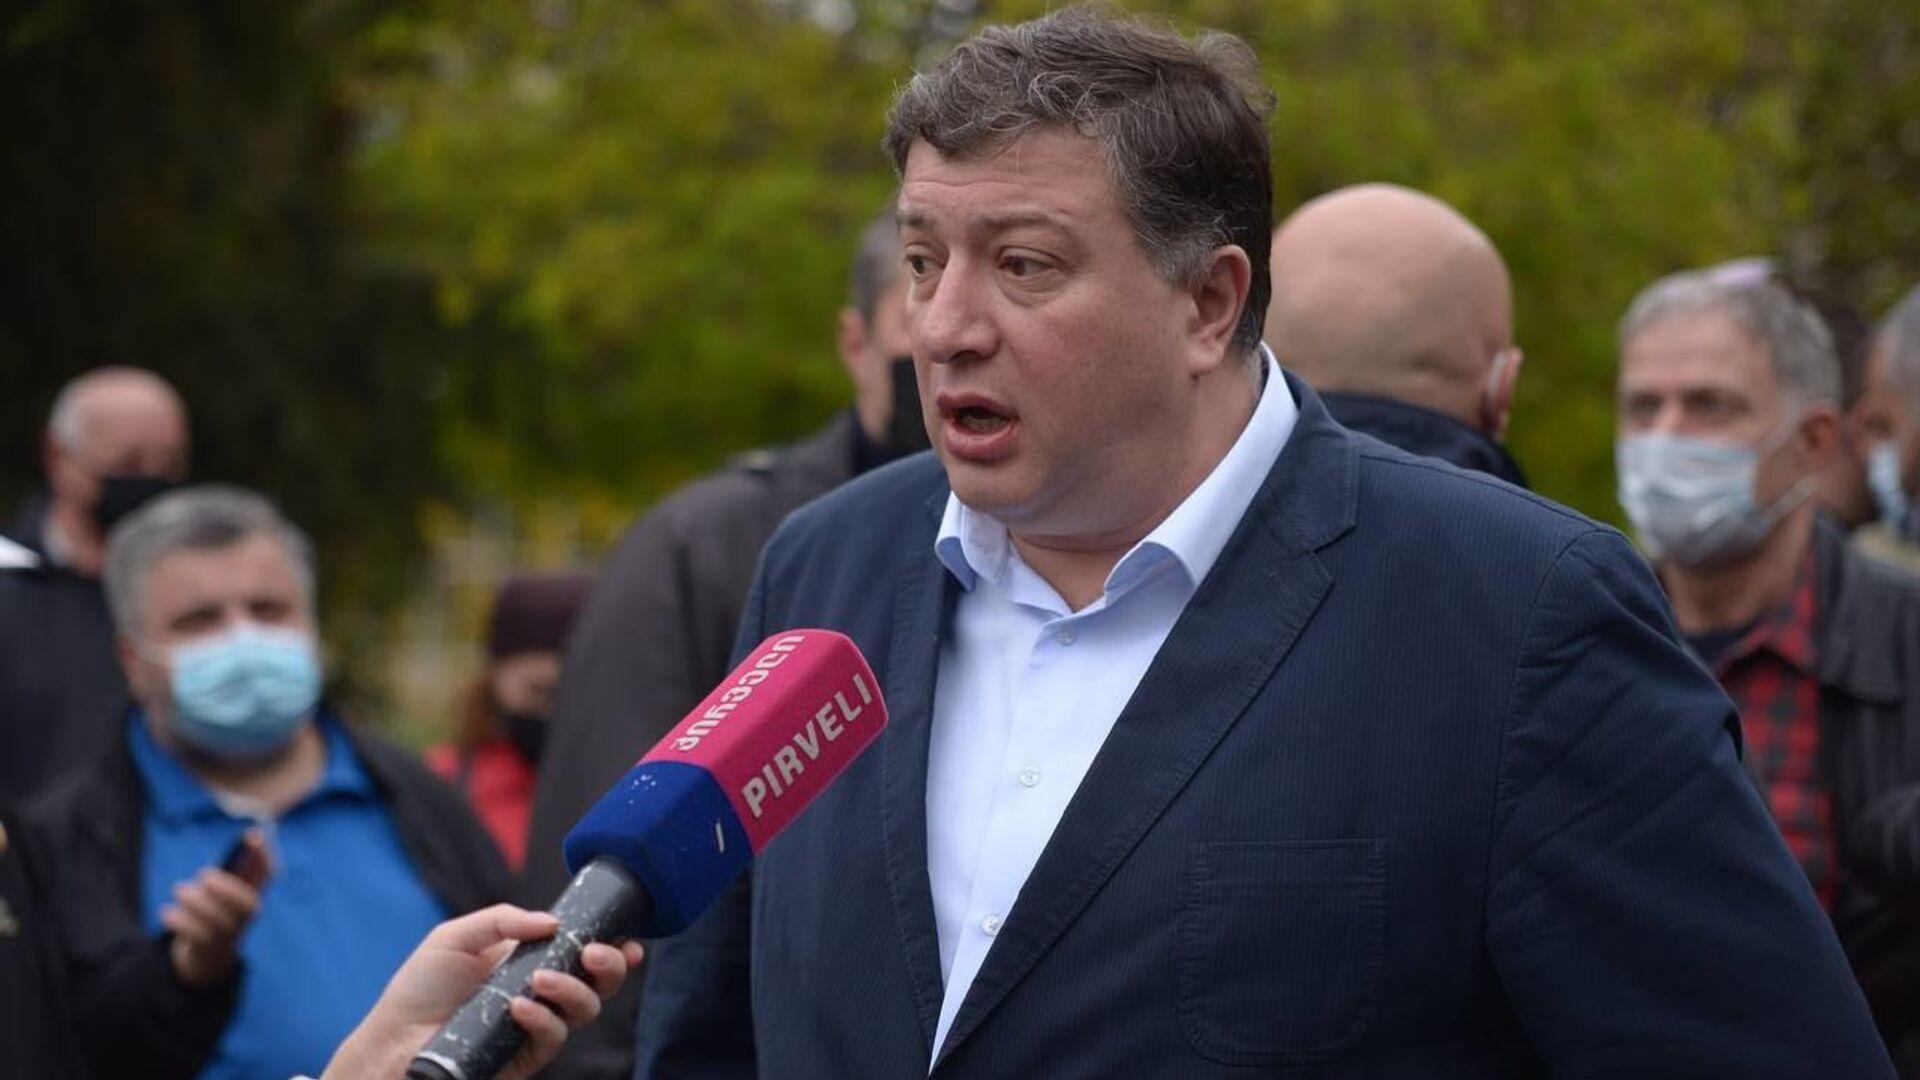 Гиги Угулава. Акция в поддержку лидера ЕНД Ники Мелия у Тбилисского суда 13 апреля 2021 года - Sputnik Грузия, 1920, 07.10.2021